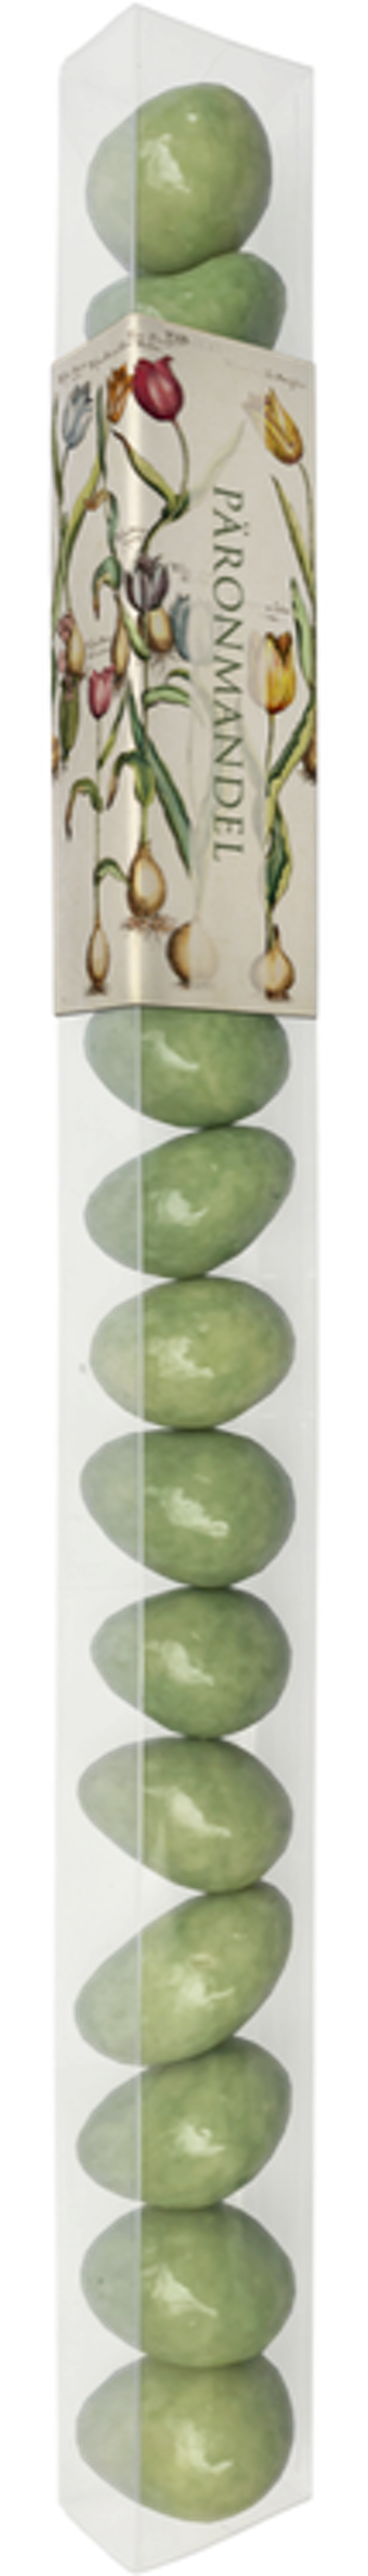 Mandlar med överdrag av chokald med smak av päron.